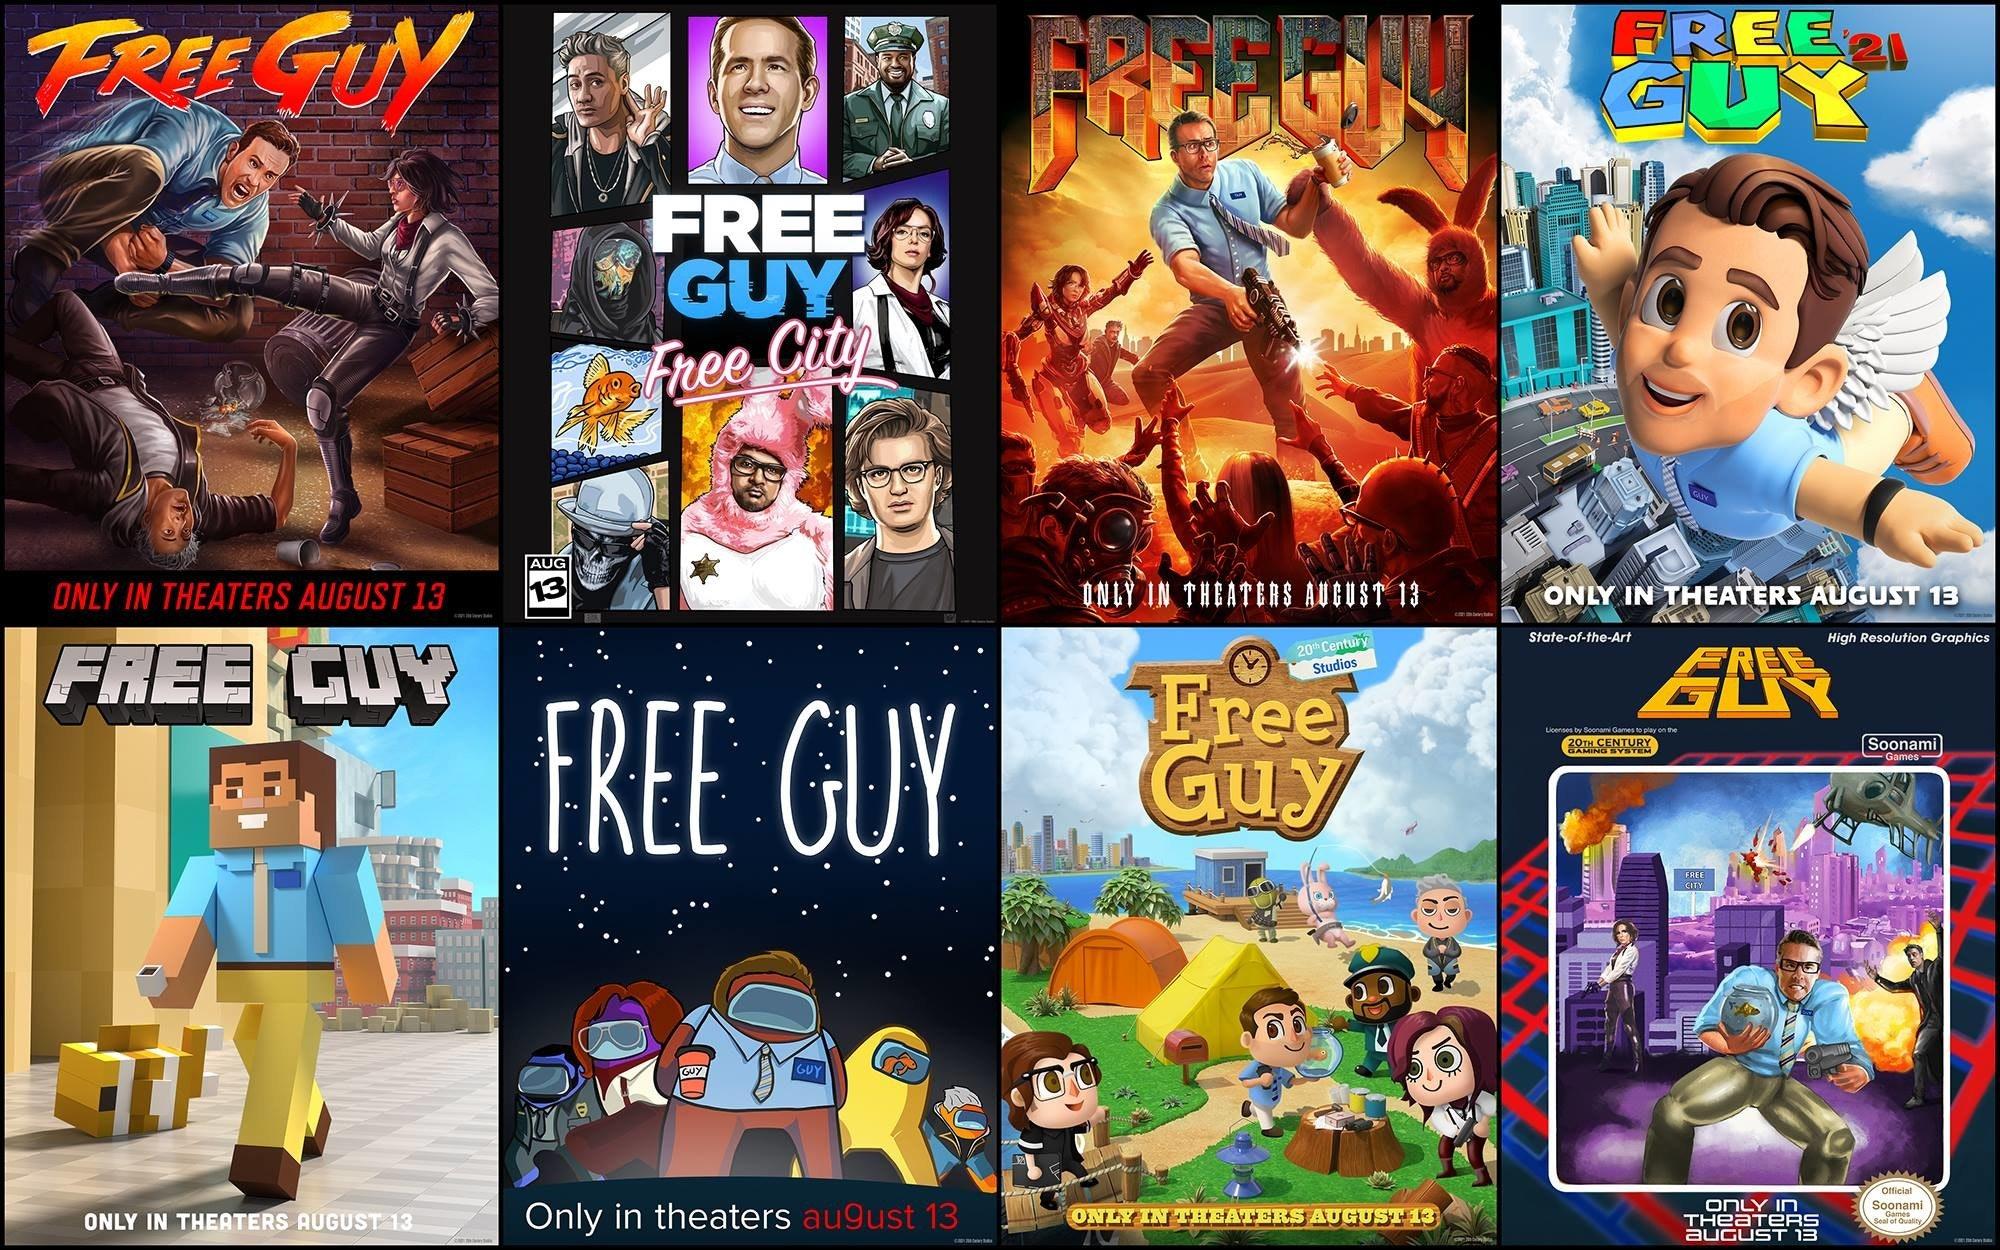 照片中提到了FREE GIN、FREE、GUY,跟GU、GU有關,包含了電腦遊戲、大學、蒙太奇、漫畫、牆紙